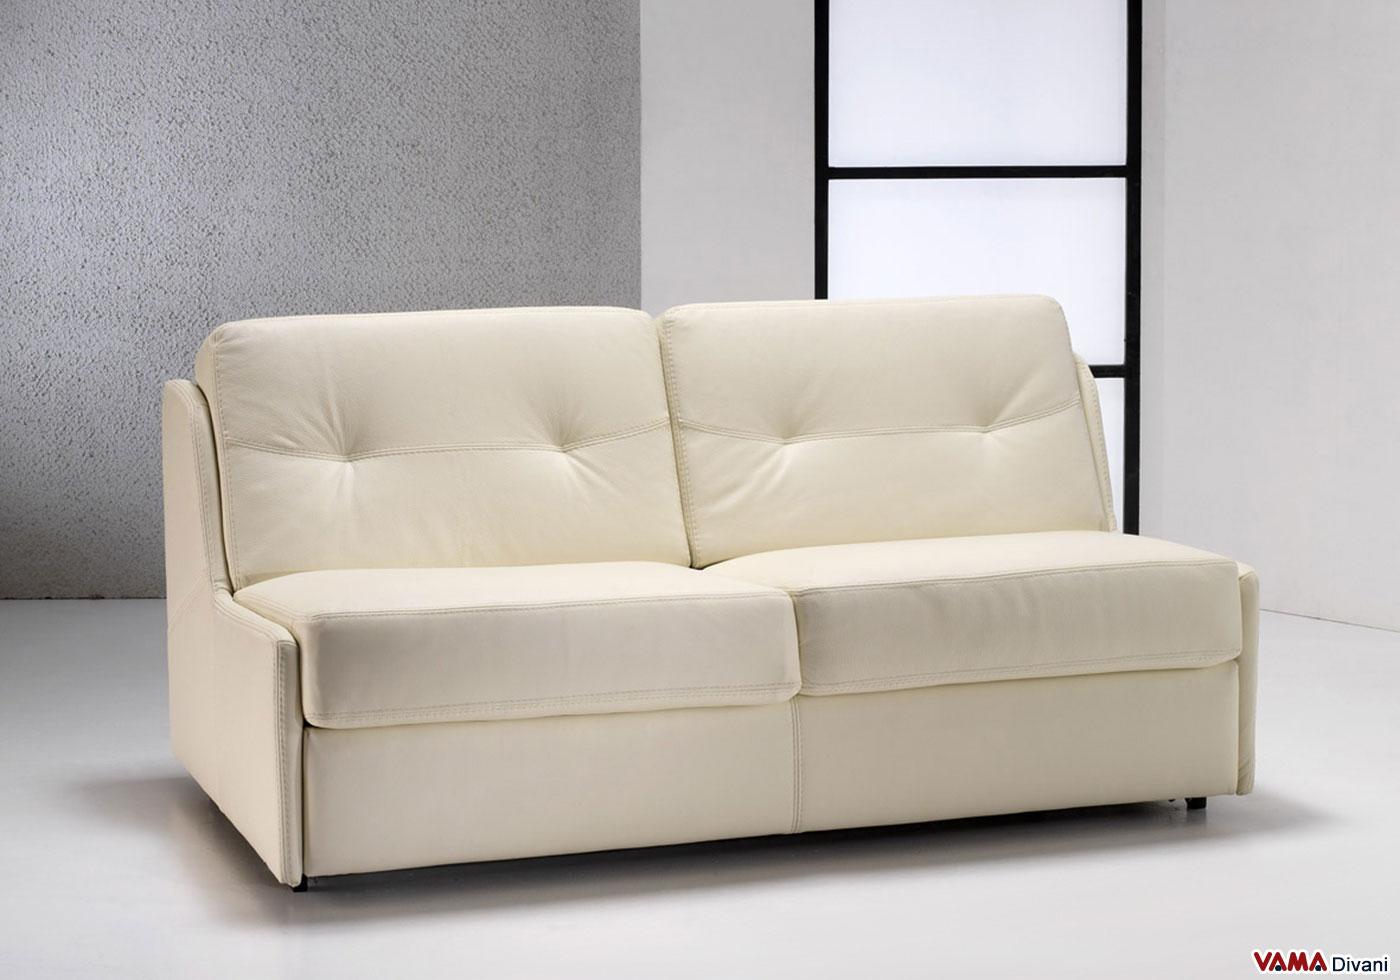 Divano letto 2 posti ikea milano : divano letto angolare poltrone ...